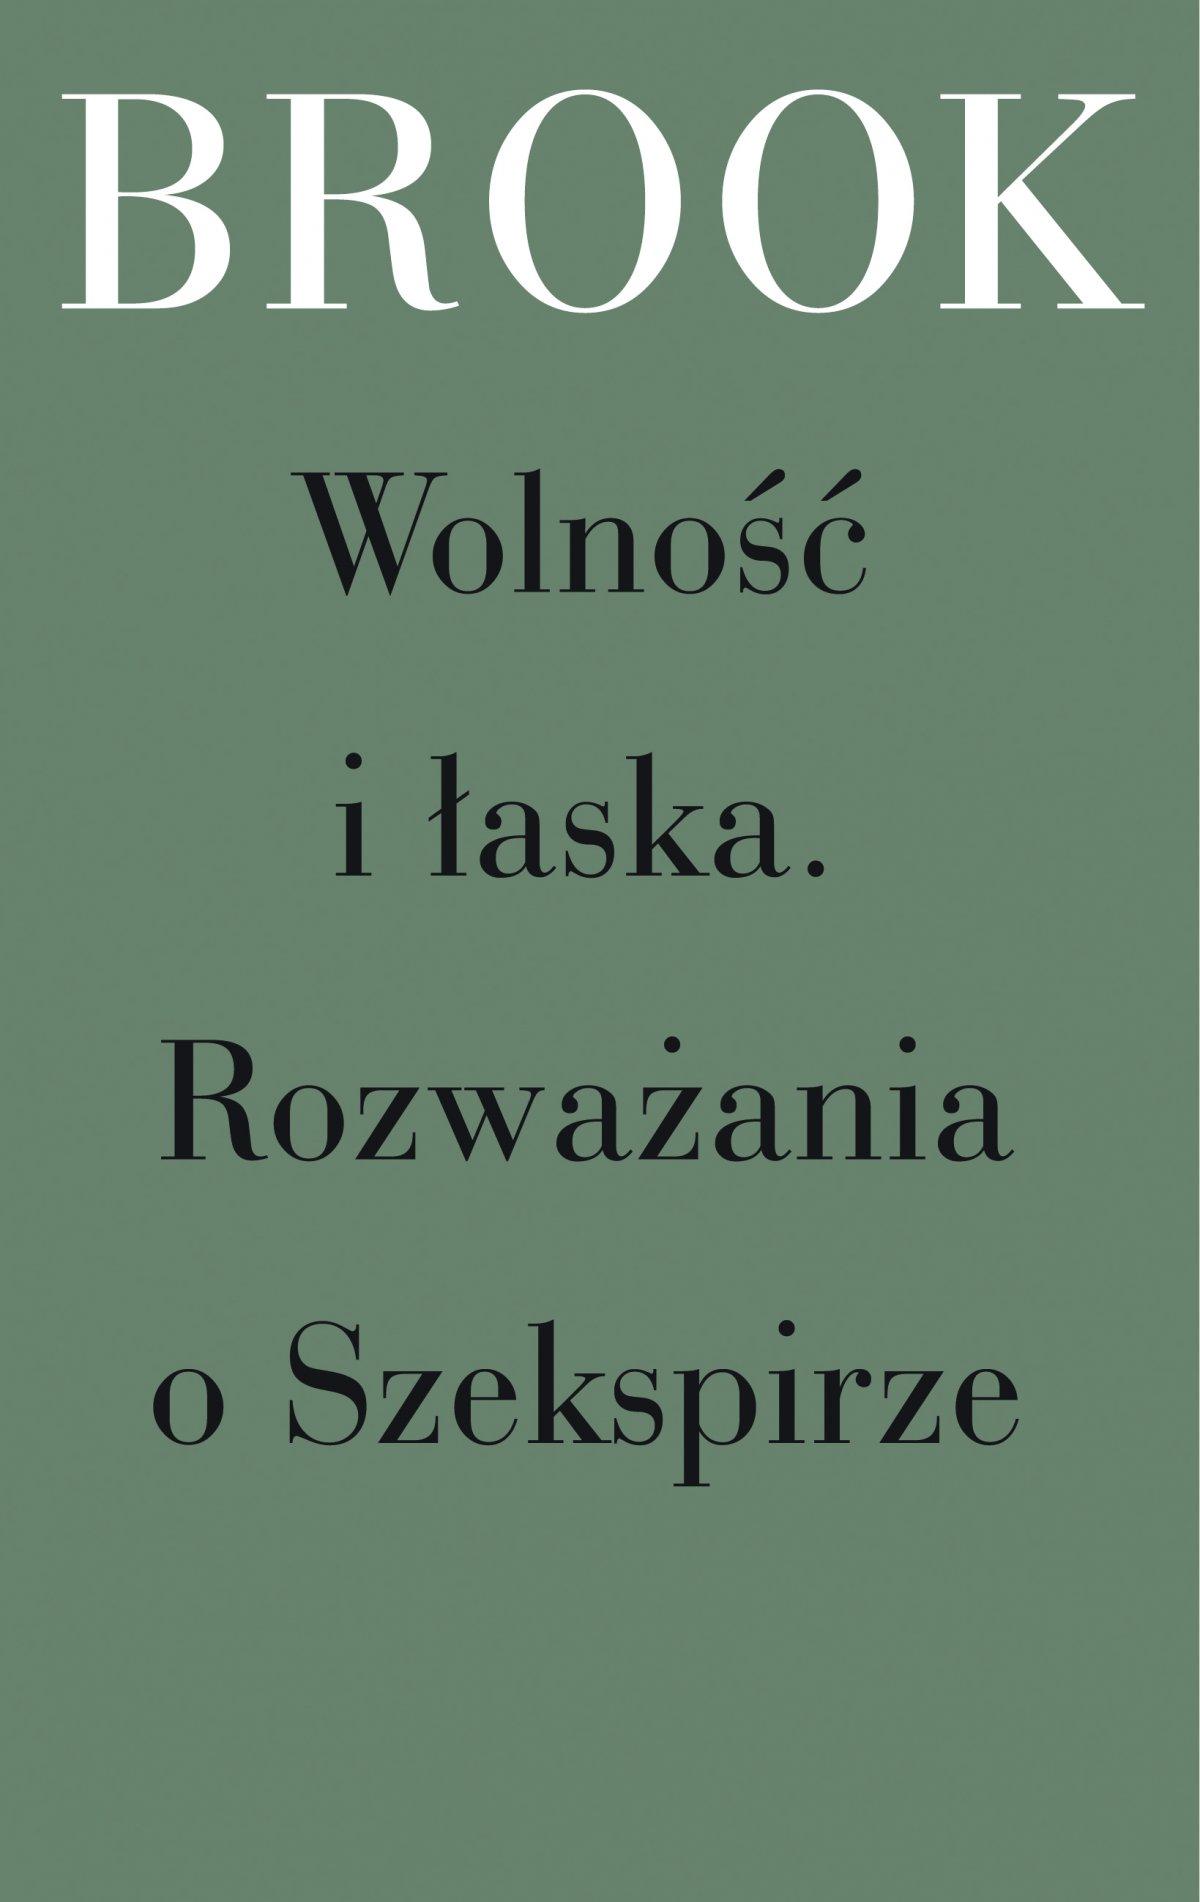 Wolność i łaska. Rozważania o Szekspirze - Ebook (Książka na Kindle) do pobrania w formacie MOBI